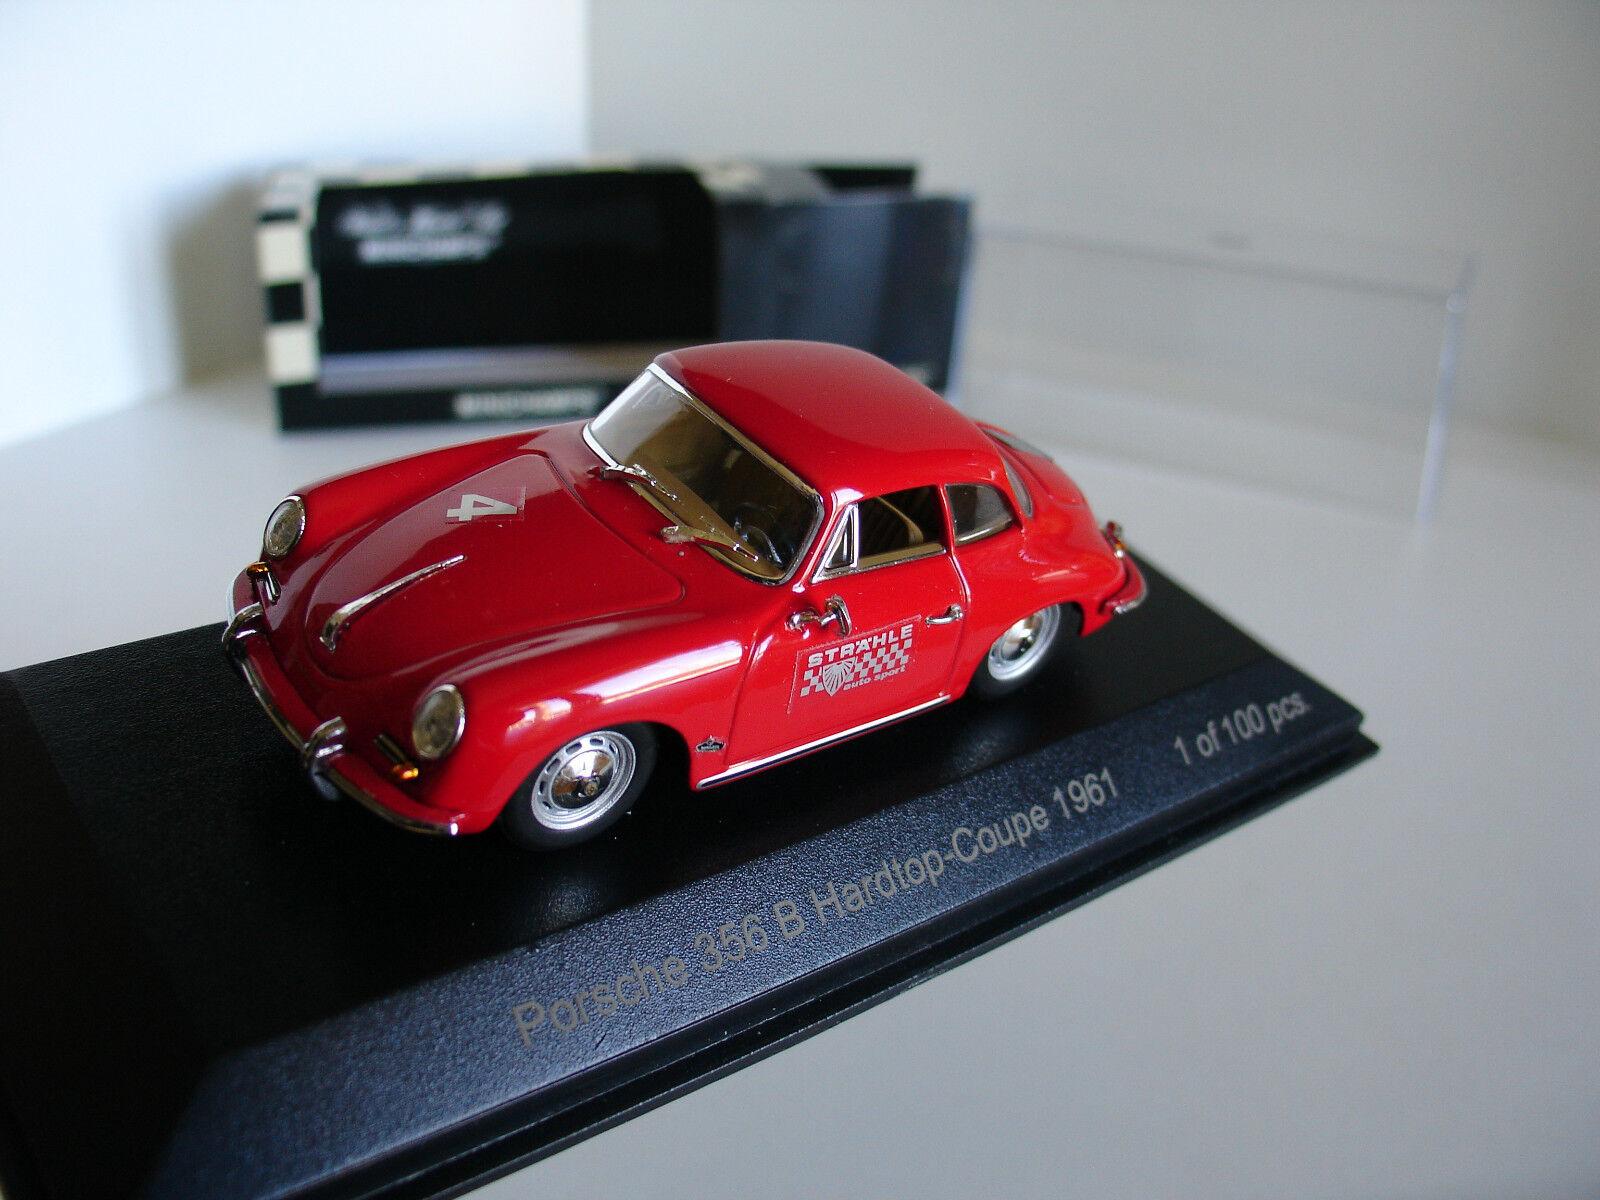 sconto prezzo basso 1 43 43 43 PORSCHE 356B HARDTOP-COUPE 1961  4 rosso LIMITED edizione 100pcs by MINICHAMPS  distribuzione globale